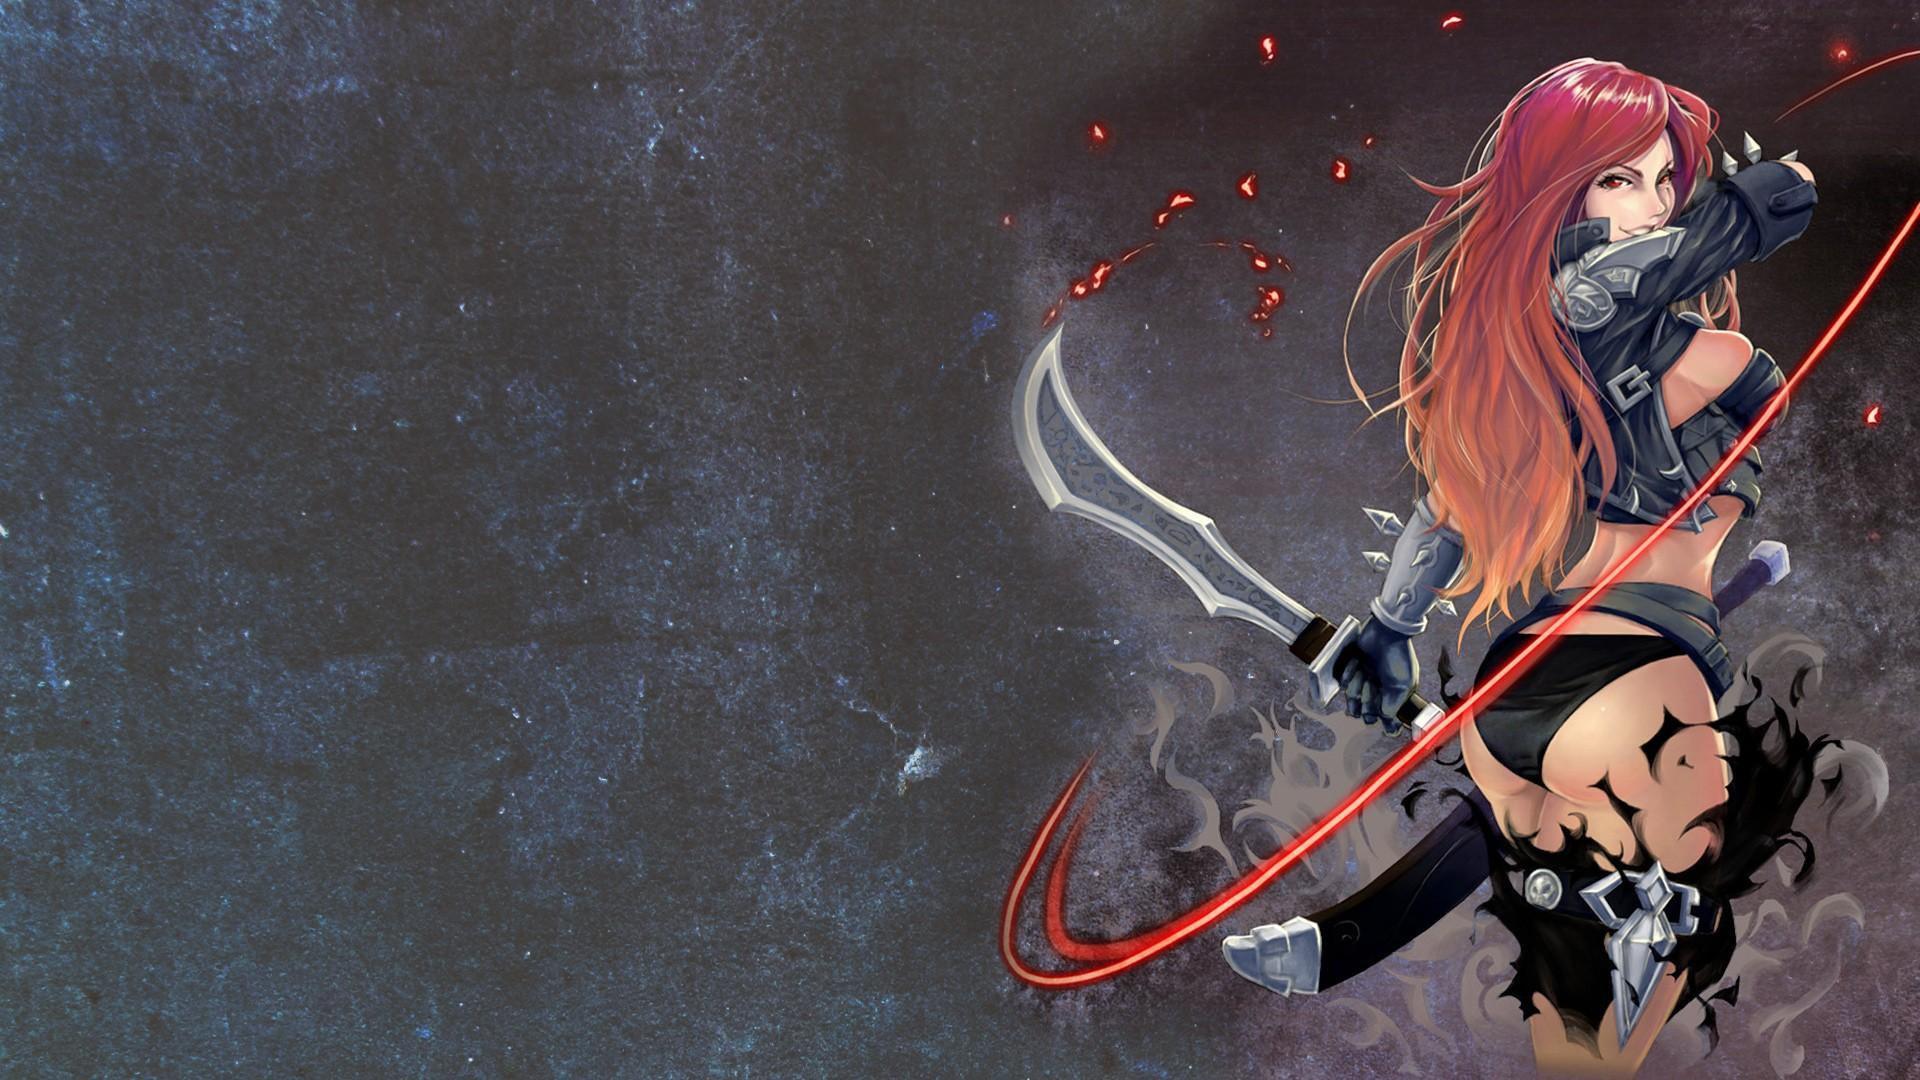 Wallpaper Anime Ass League Of Legends Sword Katarina